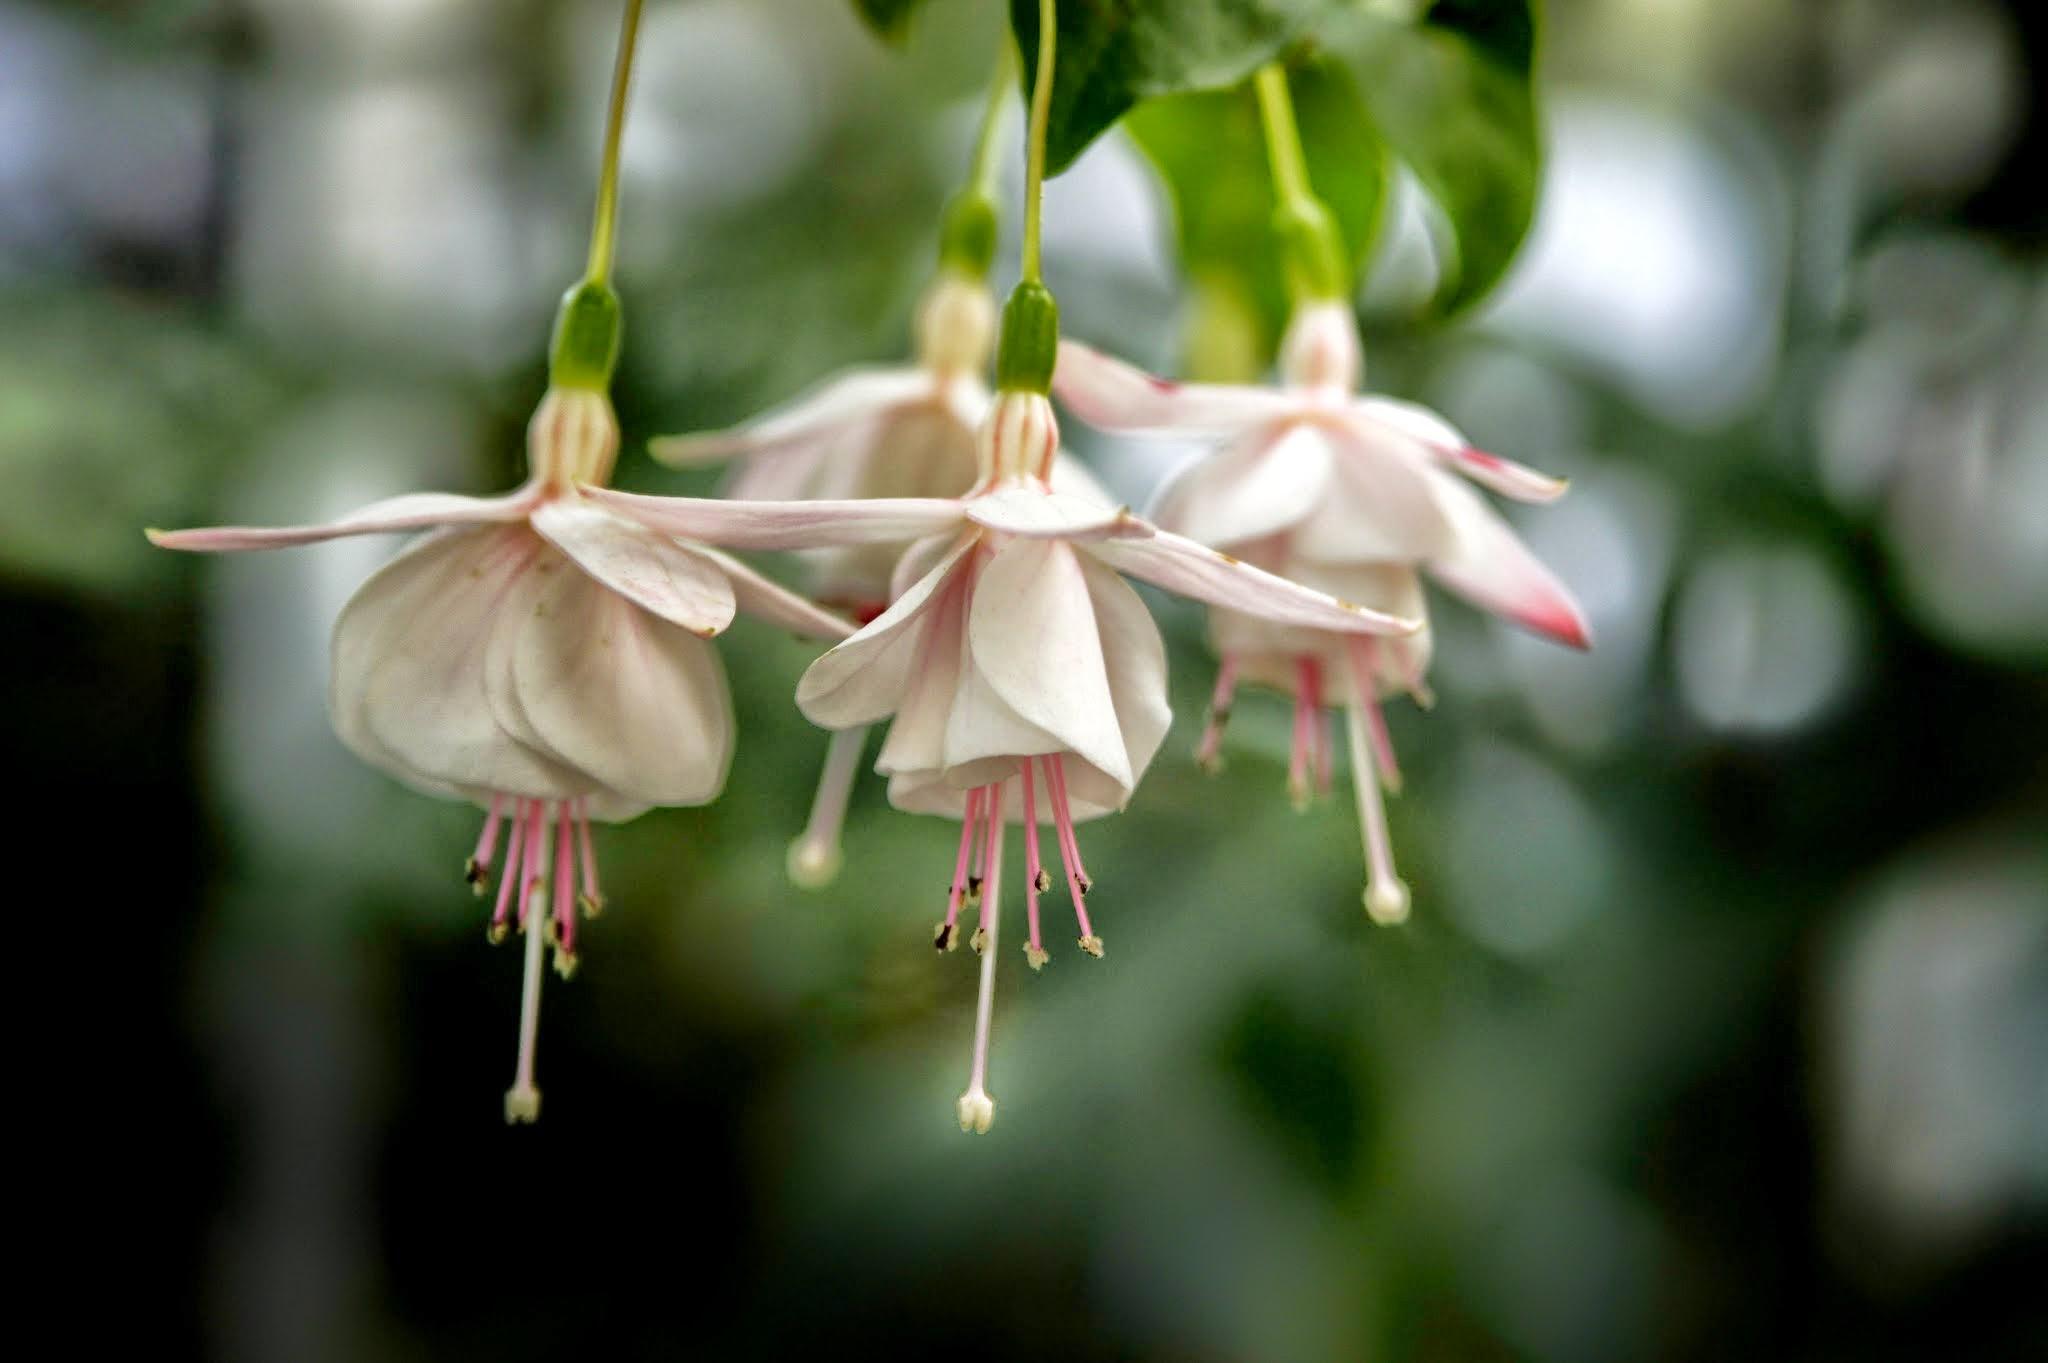 Spätsommer im Botanischen Garten Erlangen